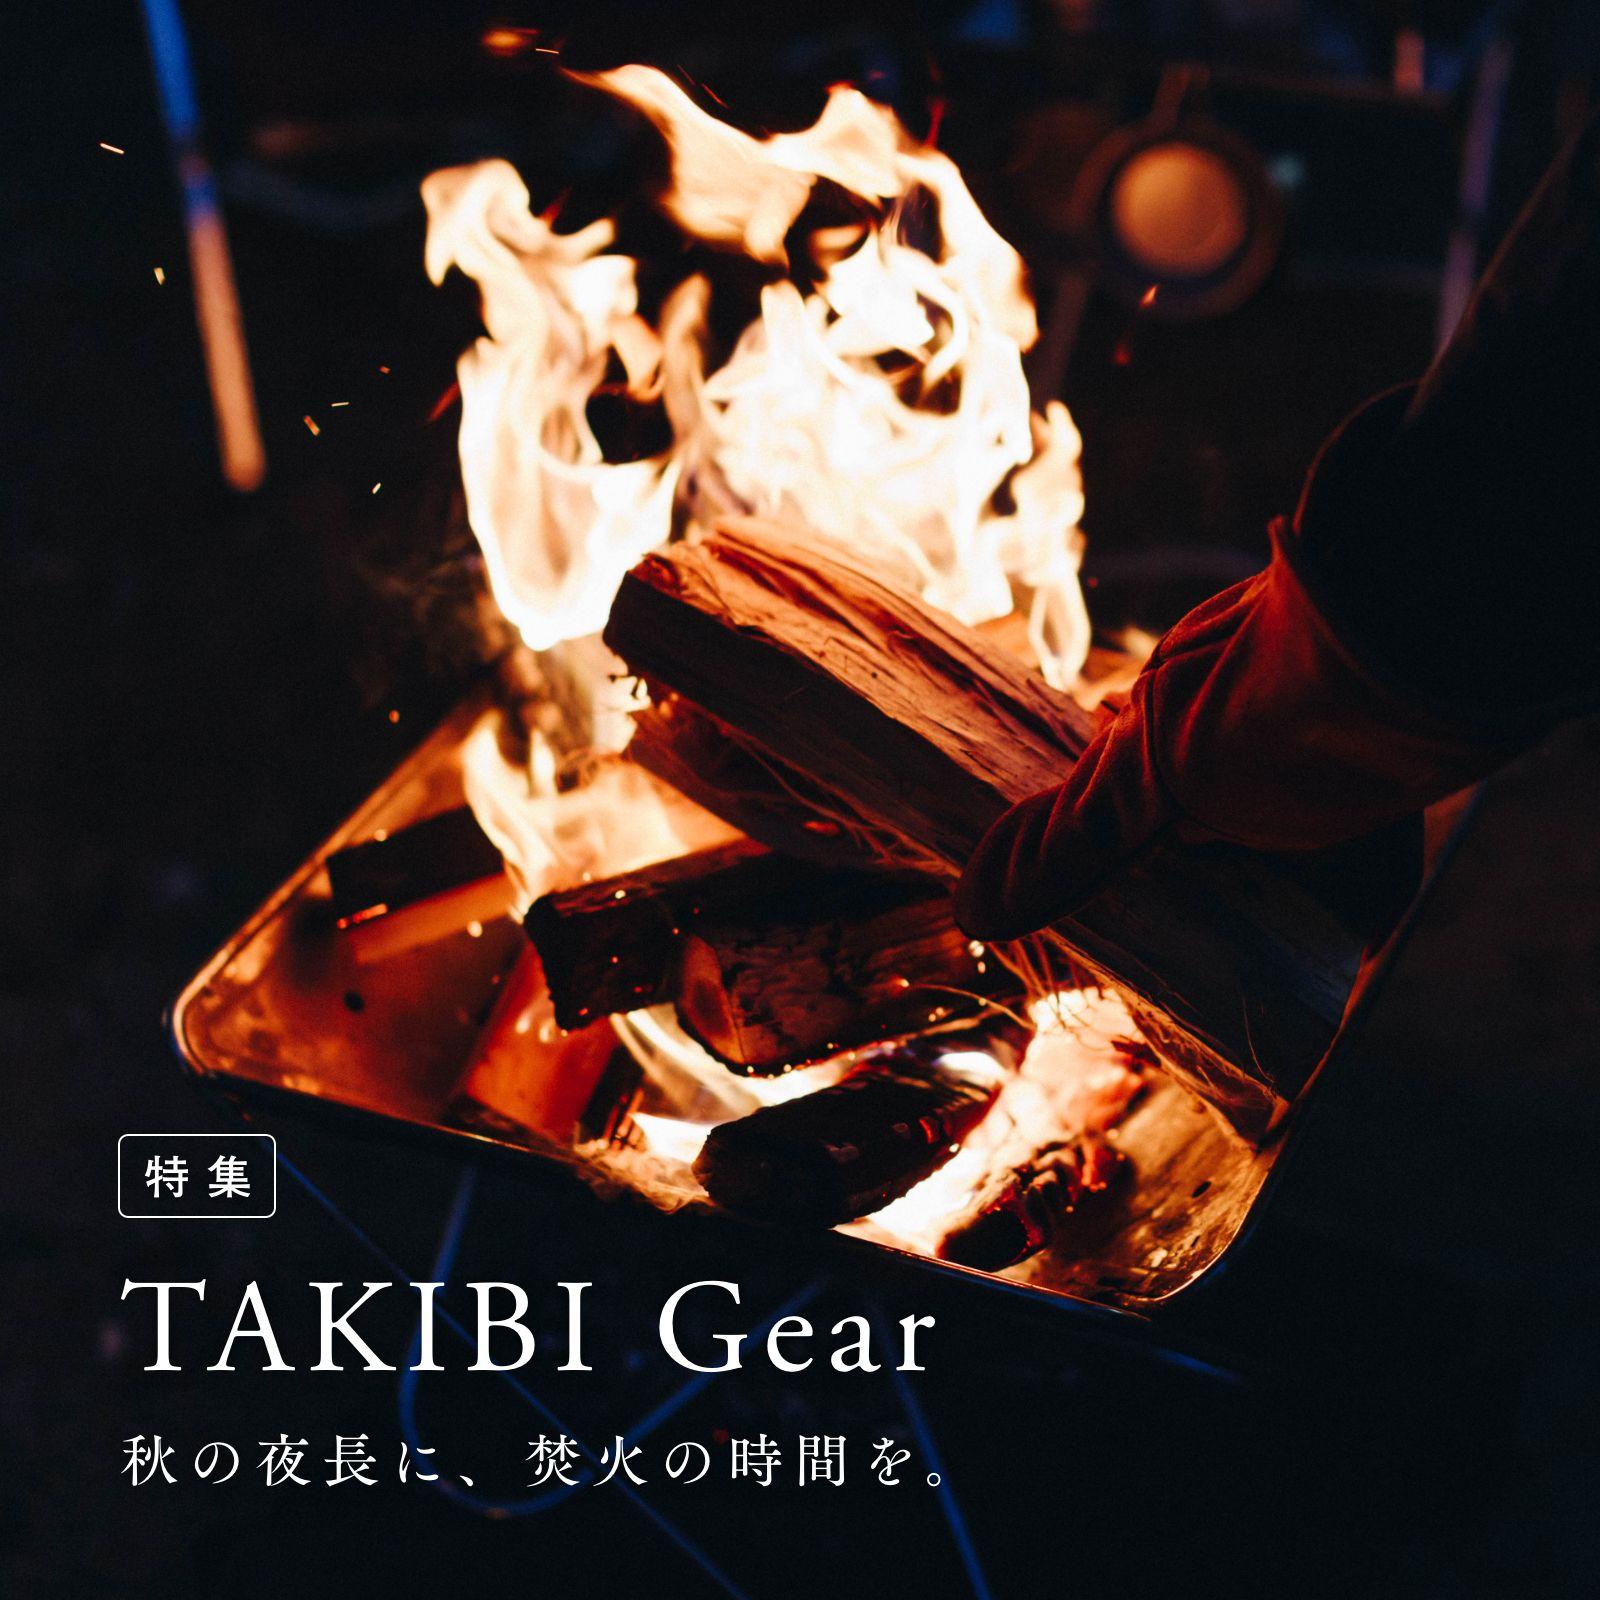 【sp】TAKIBI Gear